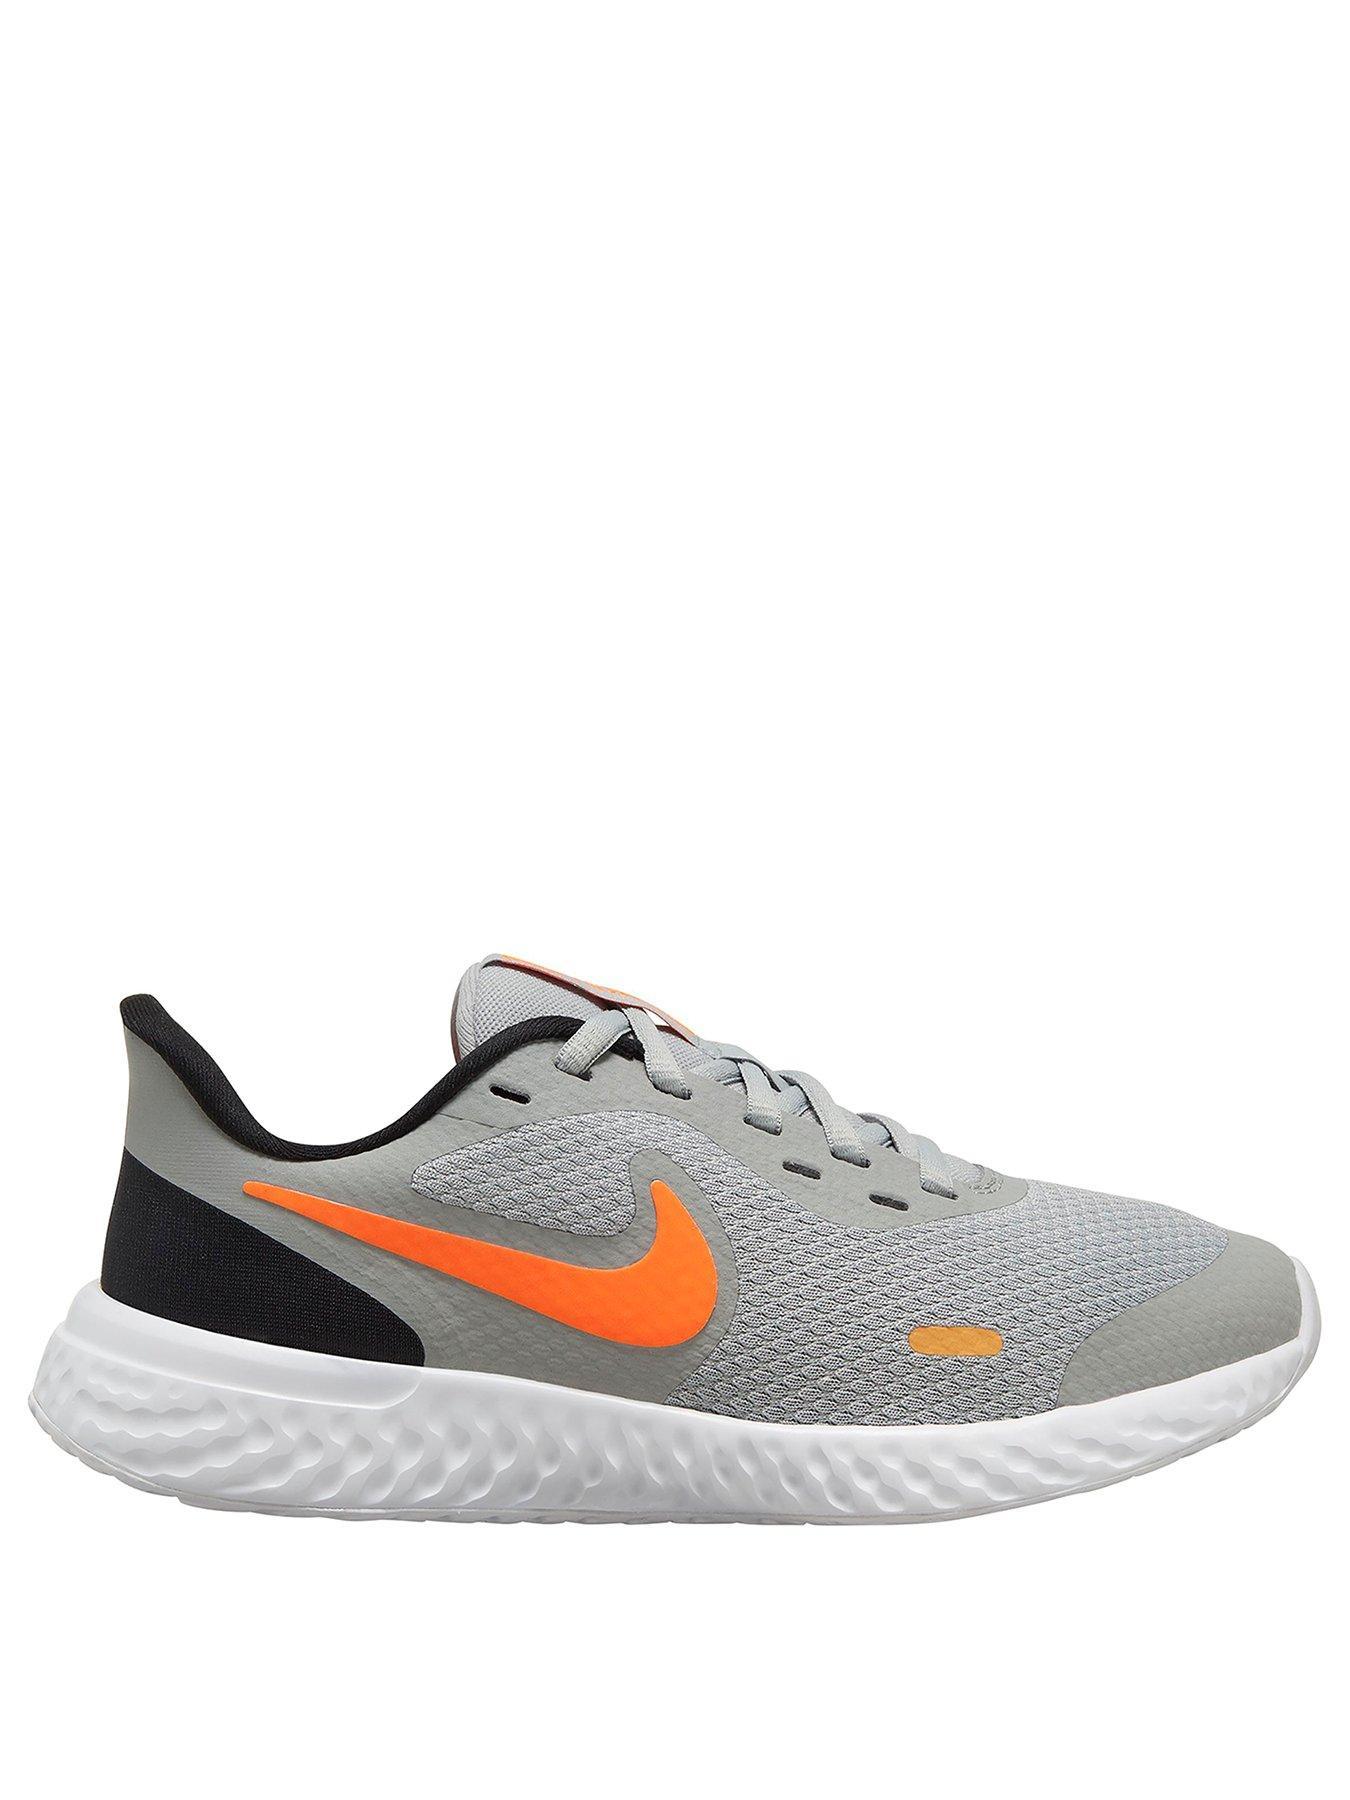 Kids Nike Trainers   Childrens Nike